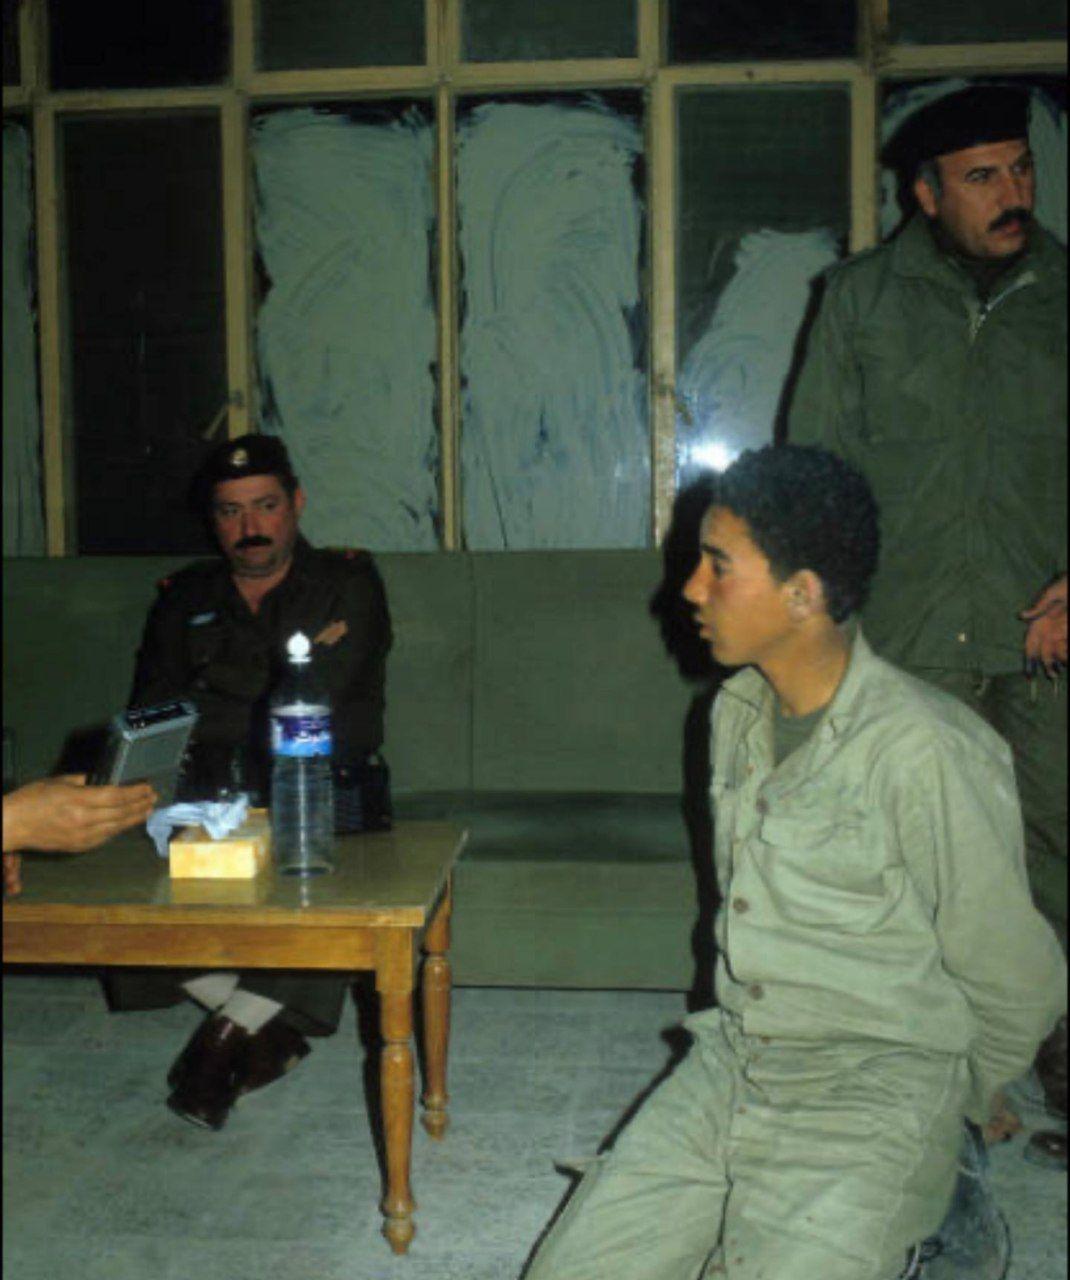 نوجوان آزاده ایرانی در اسارت ارتش عراق